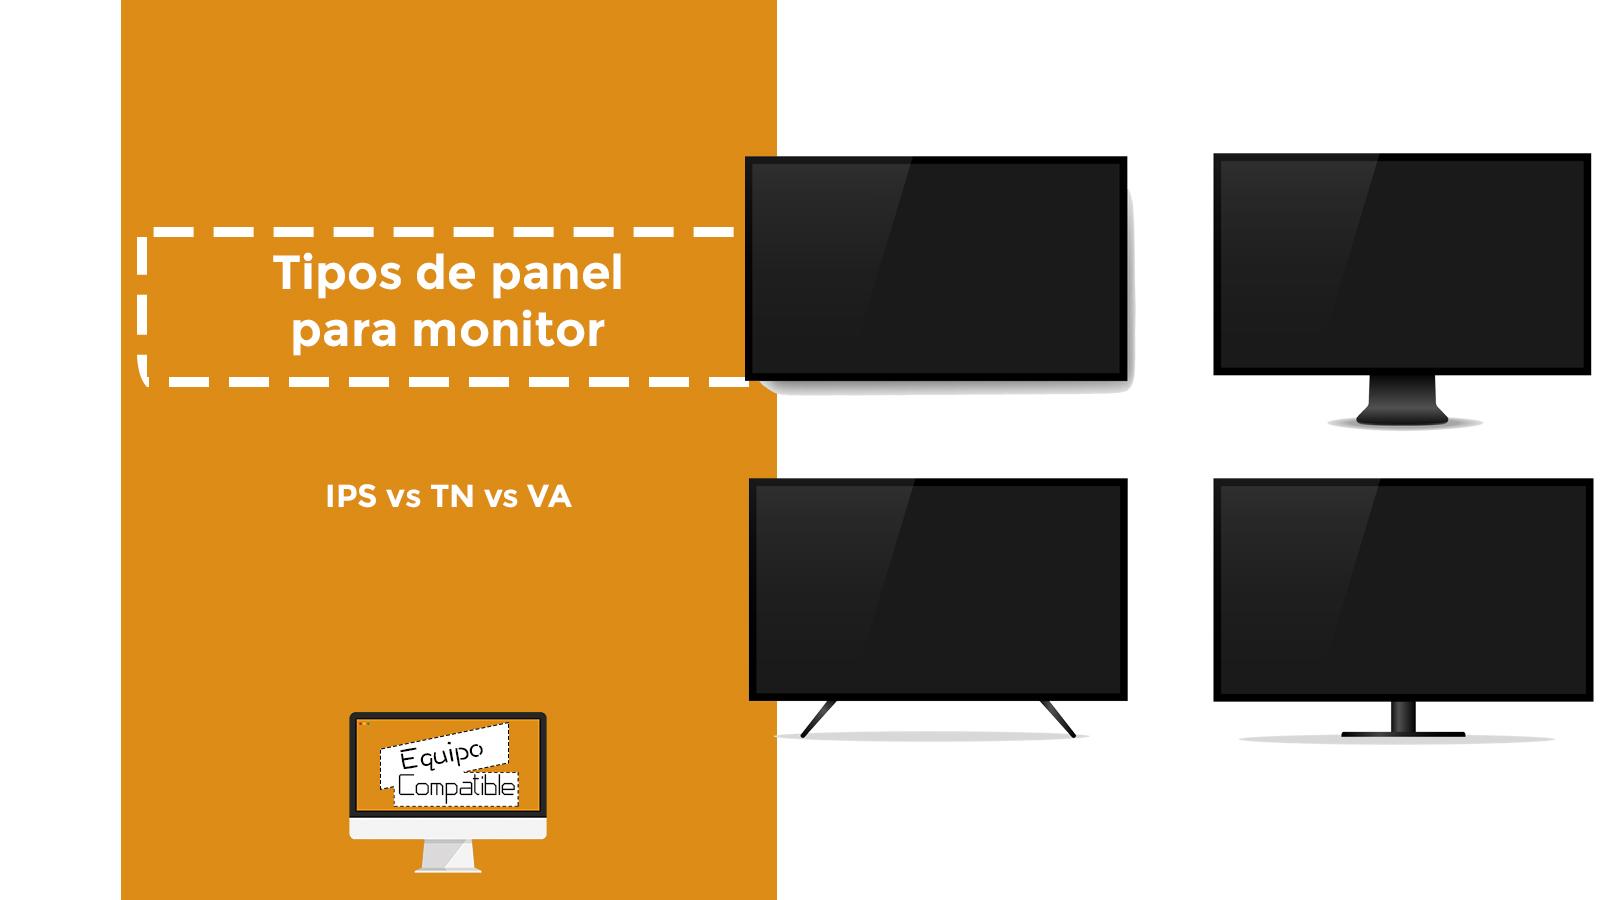 tipos de panel para monitor